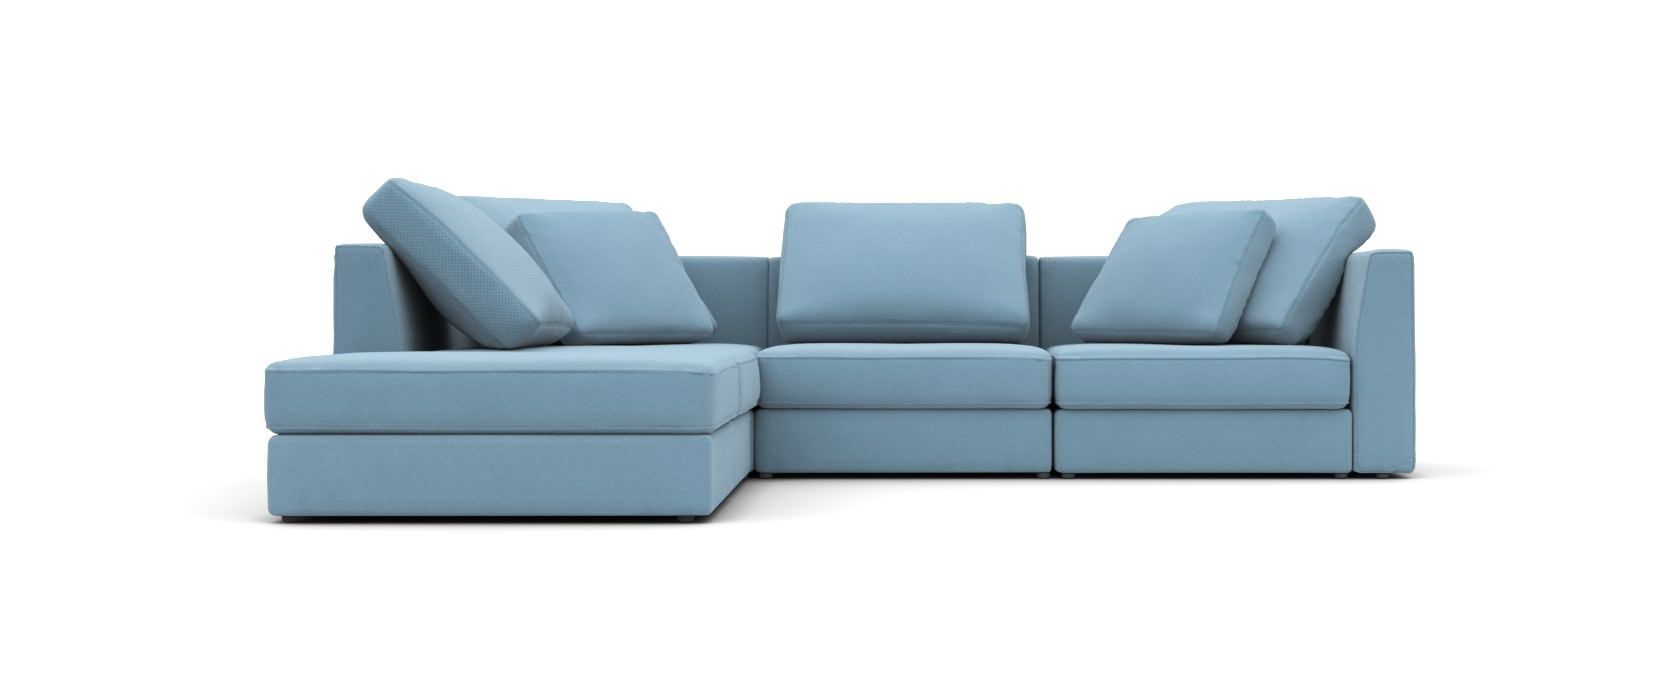 Модульный диван Lisboa 306x288 - Pufetto